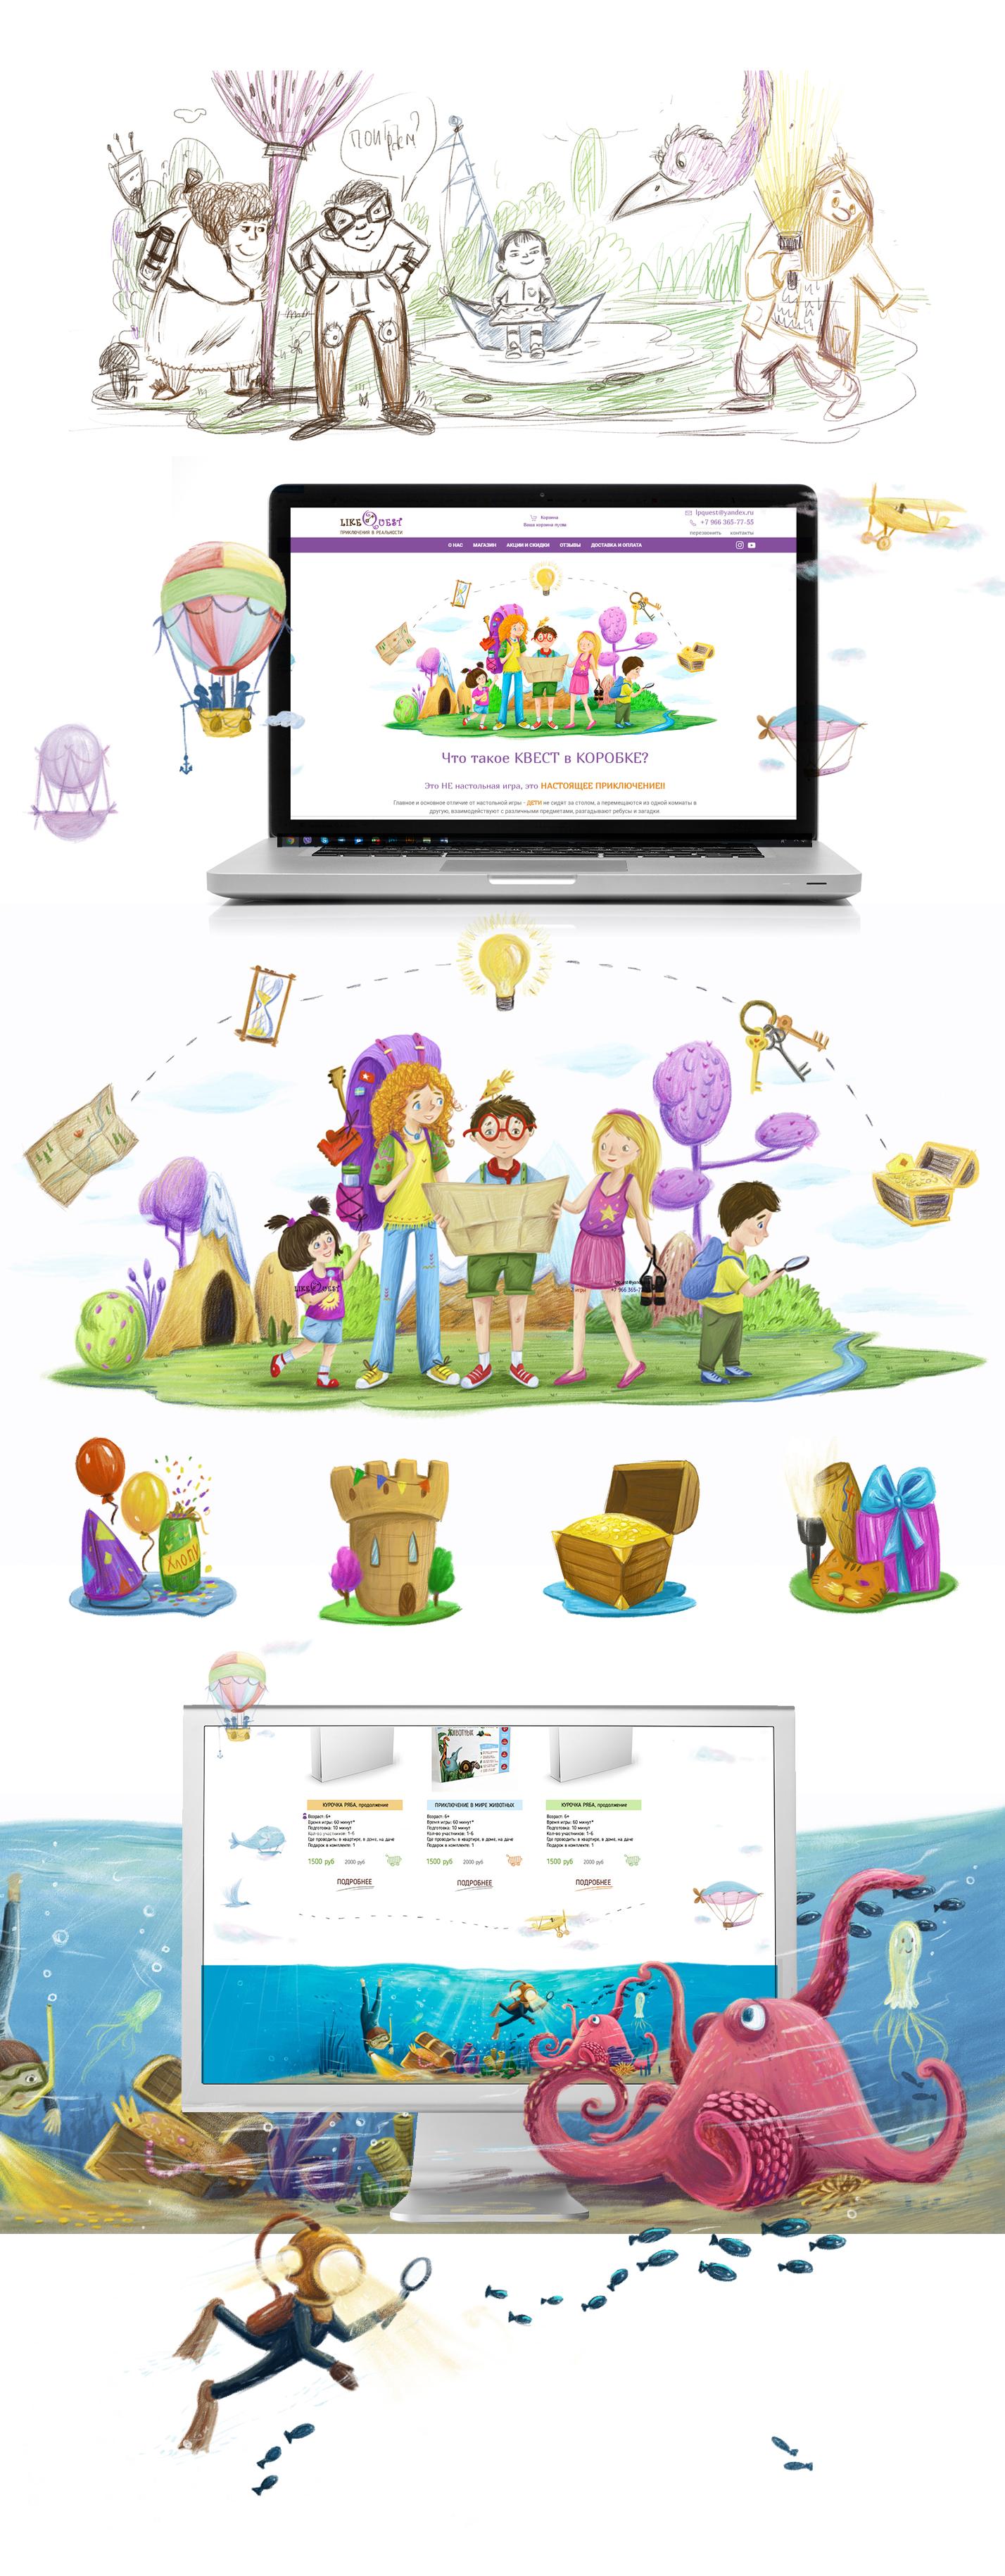 Дизайн сайта quest